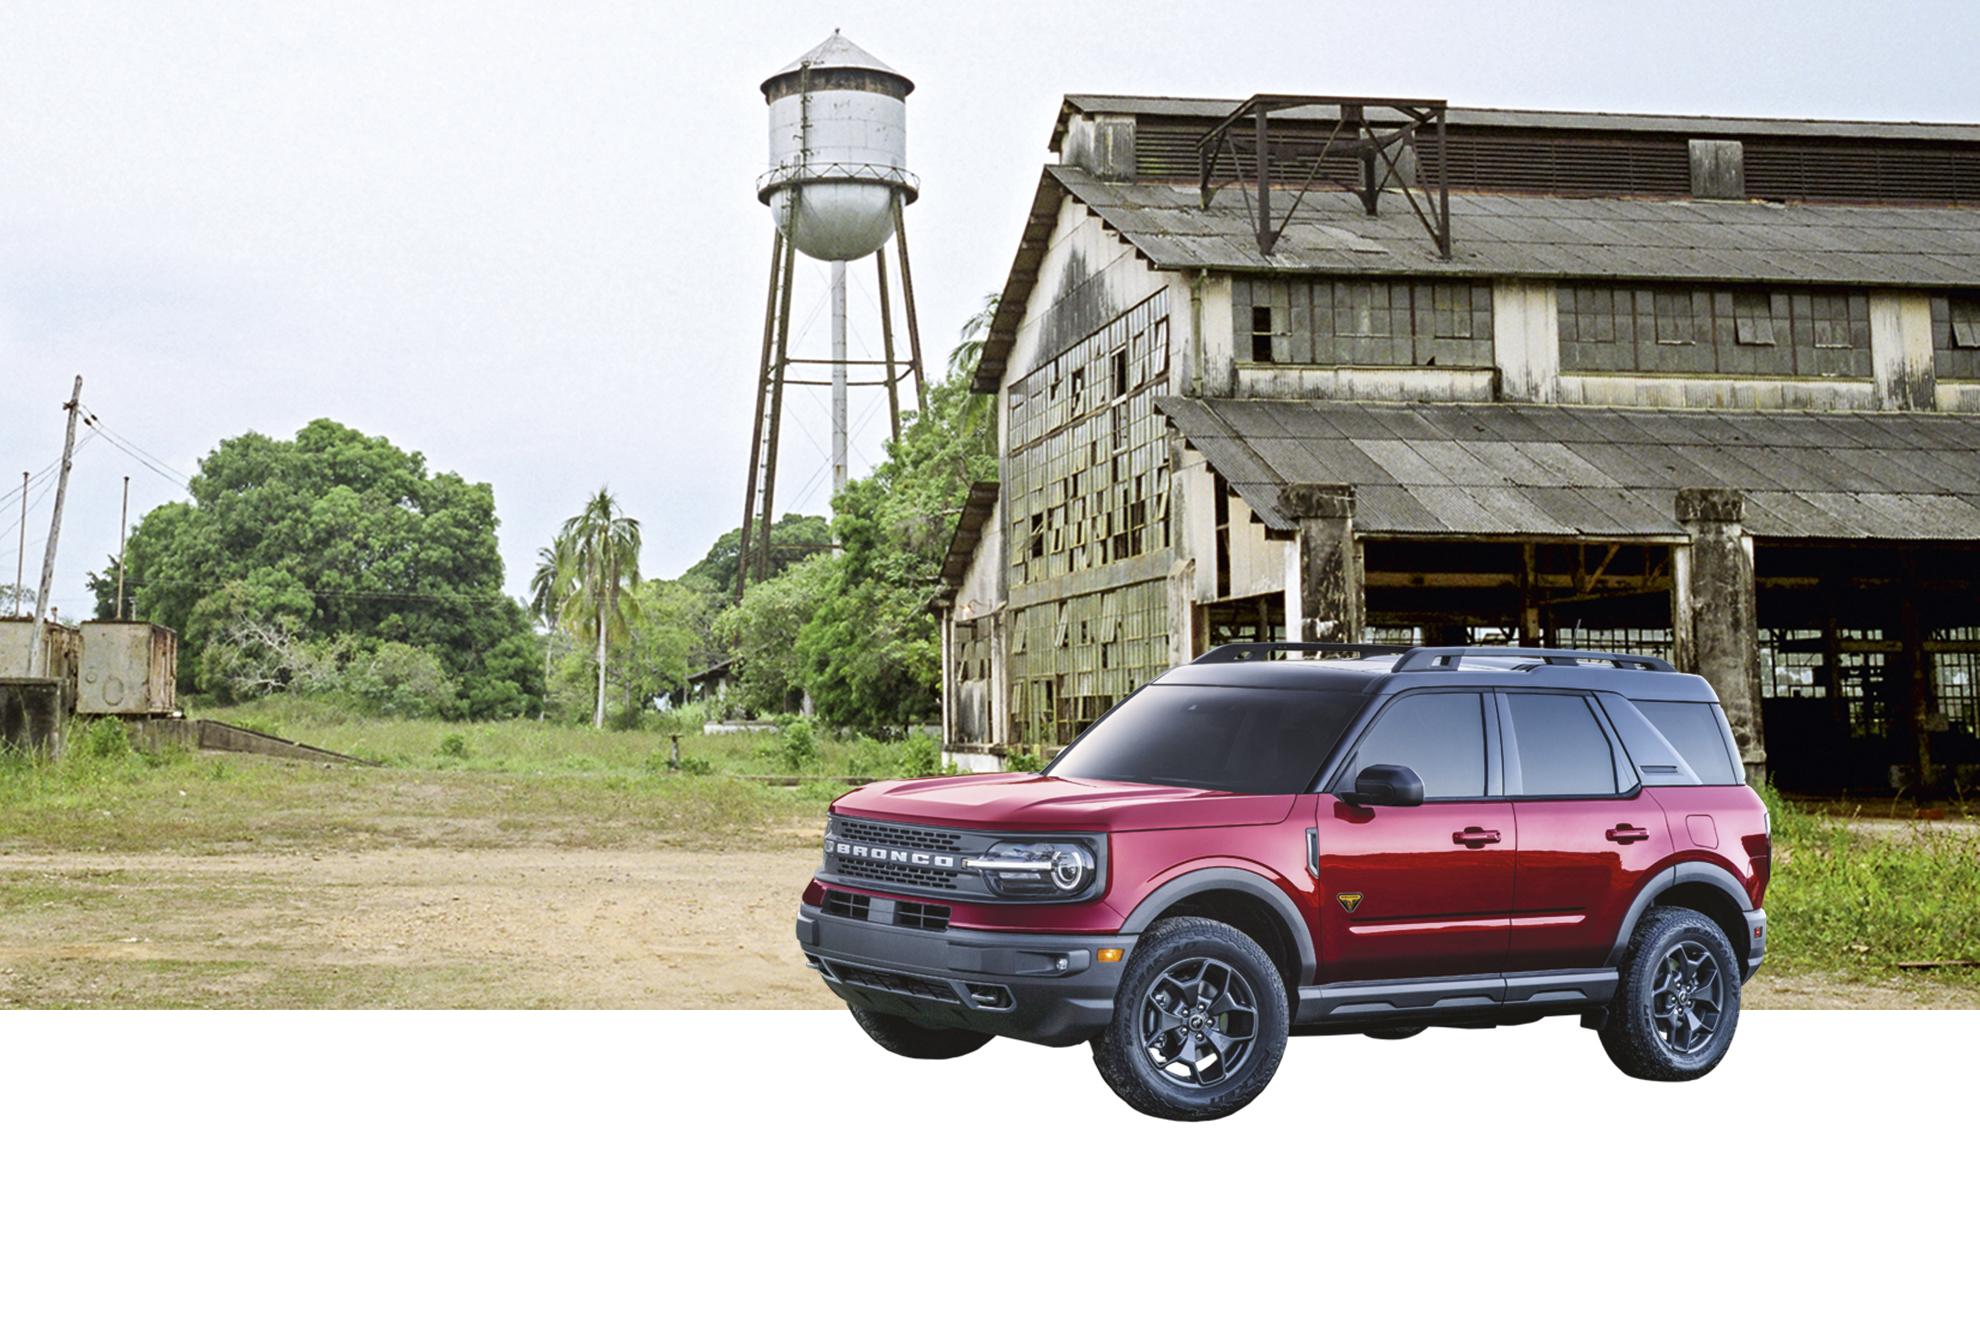 VELHO E O NOVO - A Fordlândia e o Ford Bronco: a empresa que teve cidade na Amazônia agora é apenas importadora de carros no Brasil -